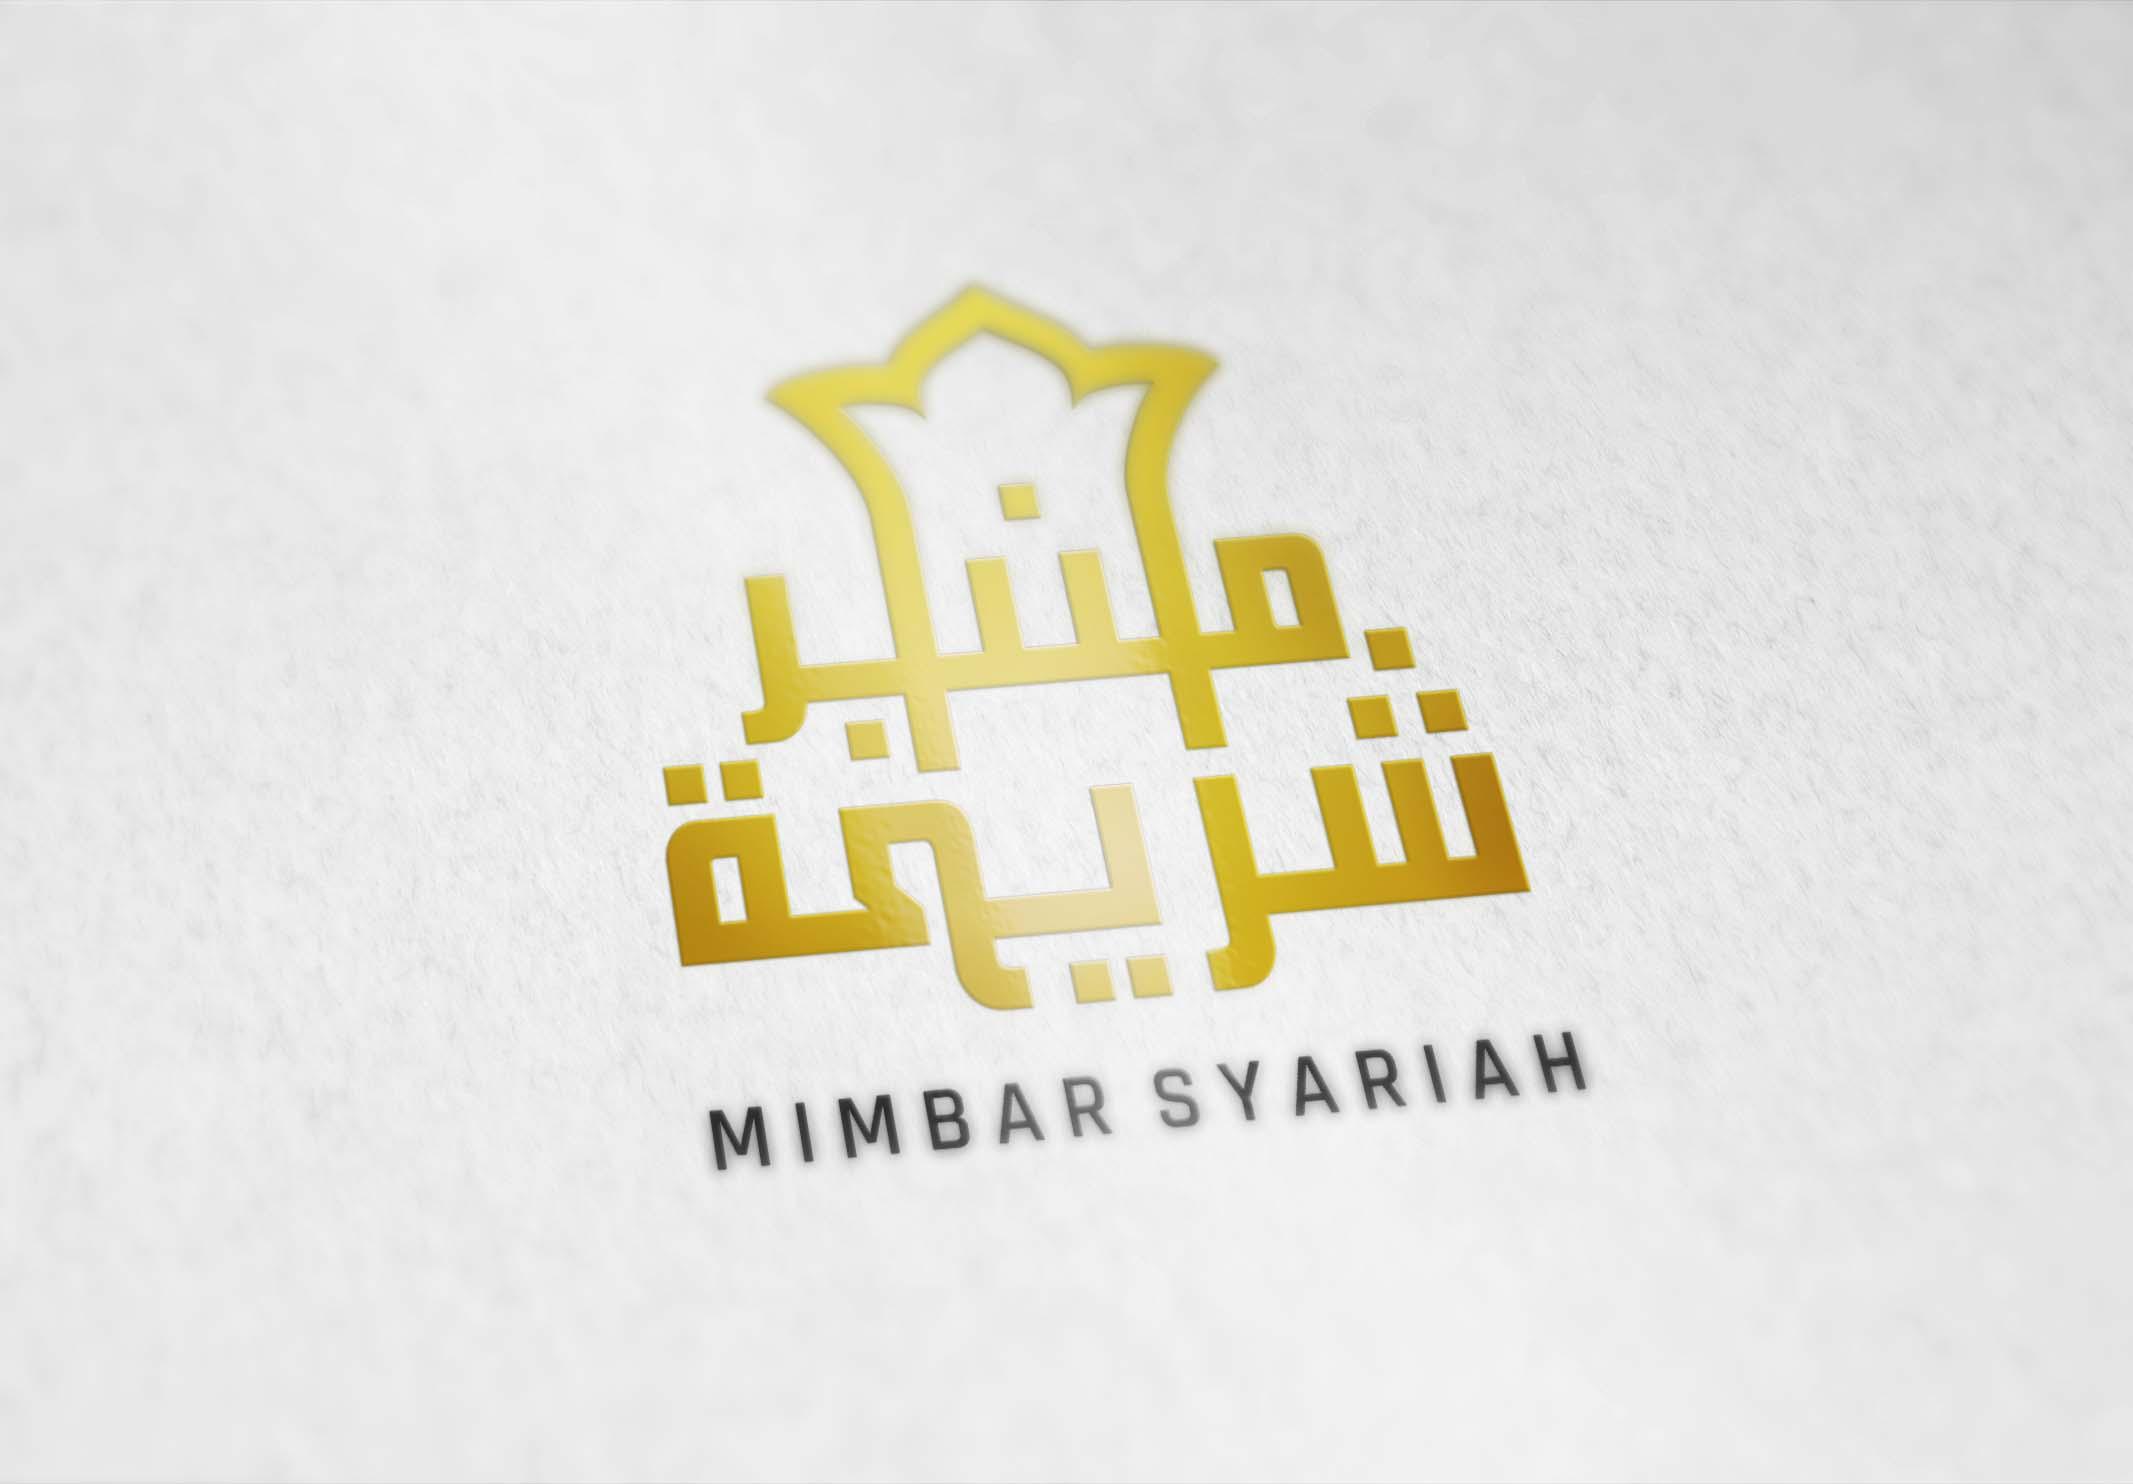 Khutbah Idul Fitri 1438 H Mimbar Syariah : Mempererat Ukhuwah Meraih Kemenangan